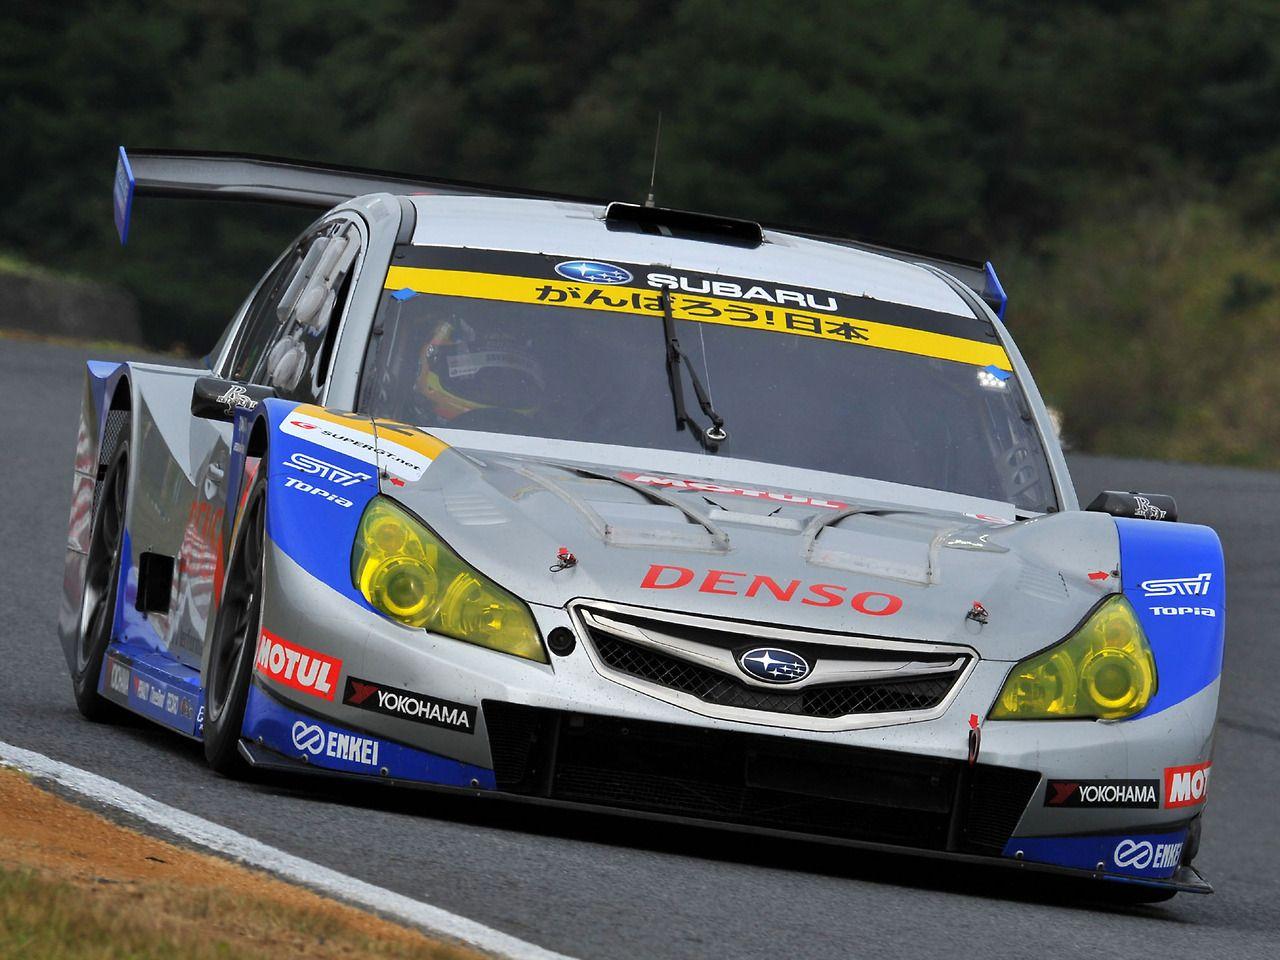 Subaru Legacy Gt300 Race Car Subaru Dream Cars Subaru Legacy